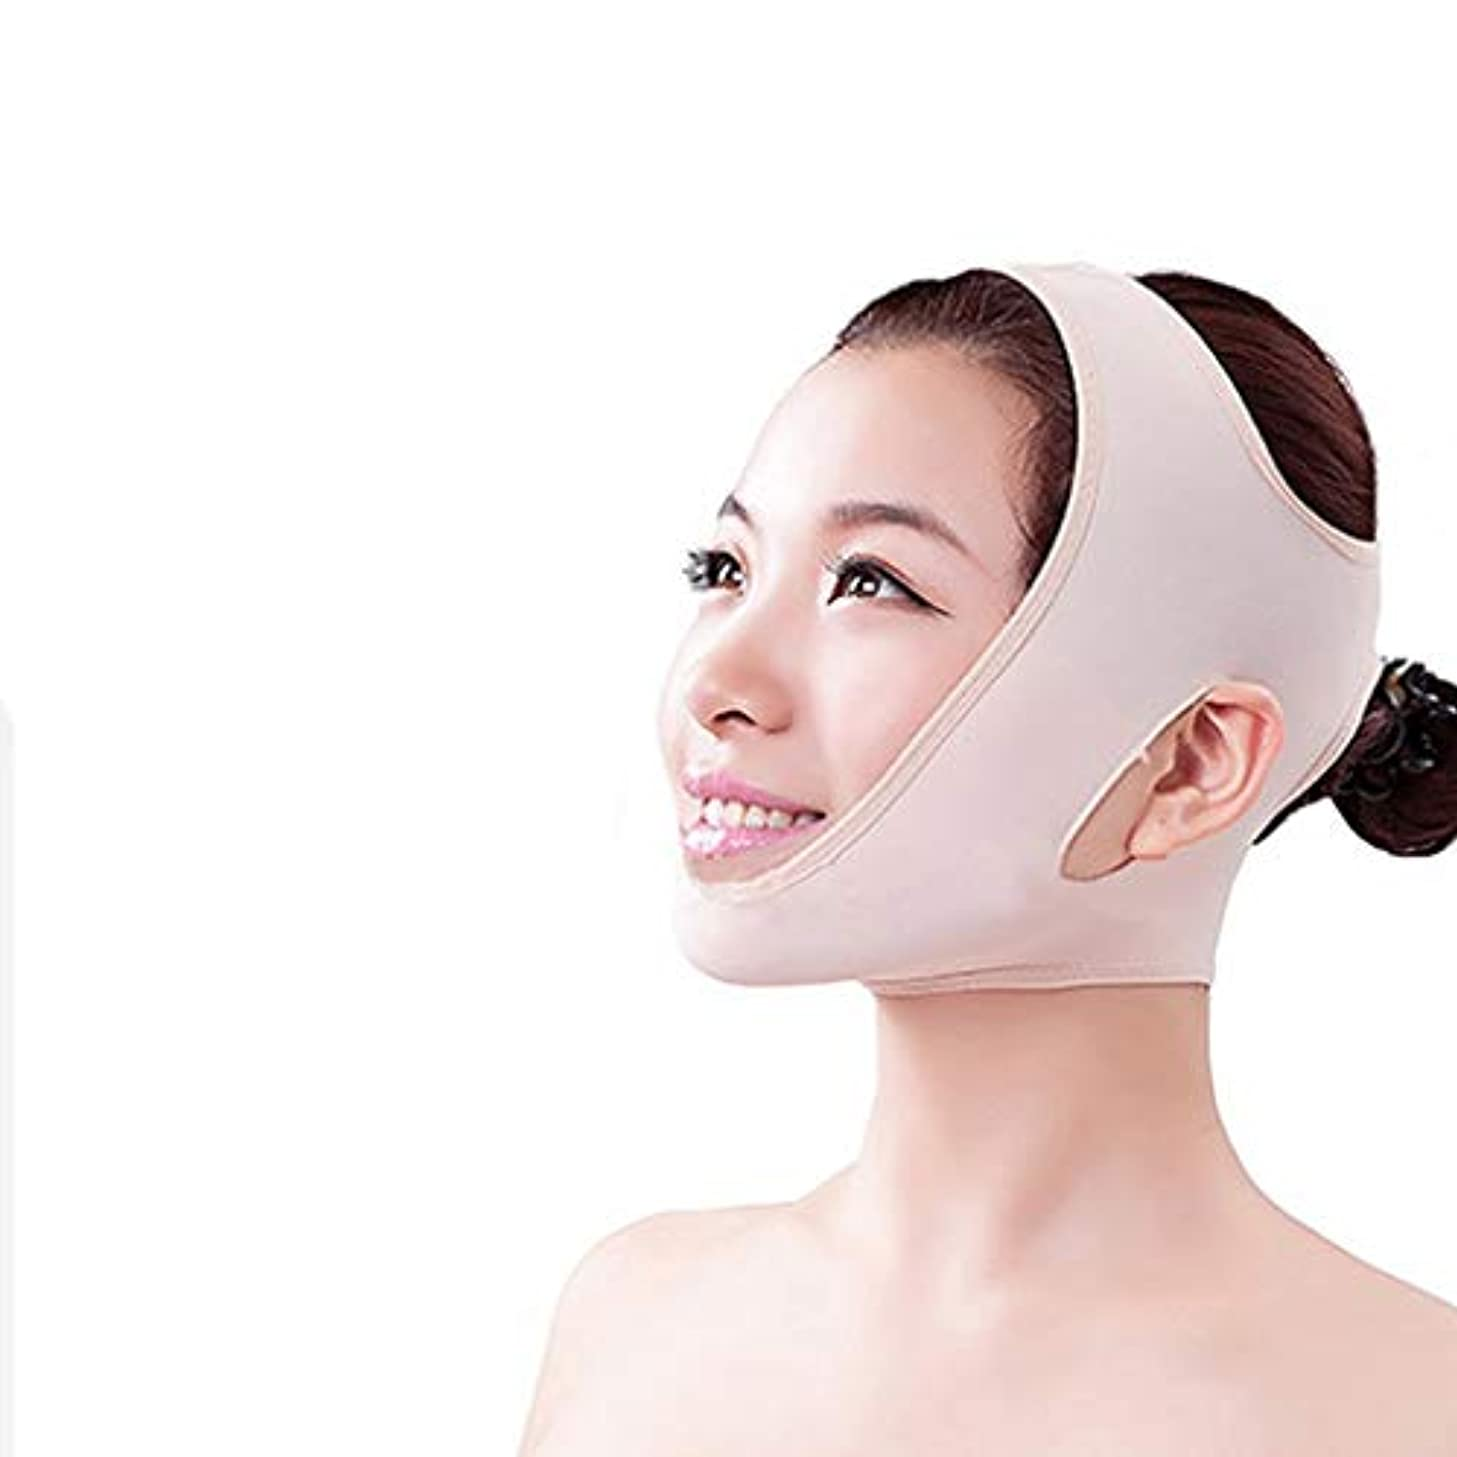 ごめんなさい何でも爆発する顔面顔マスク v 顔リフトリフティング引き締め睡眠ライン刻まれた顔包帯,L